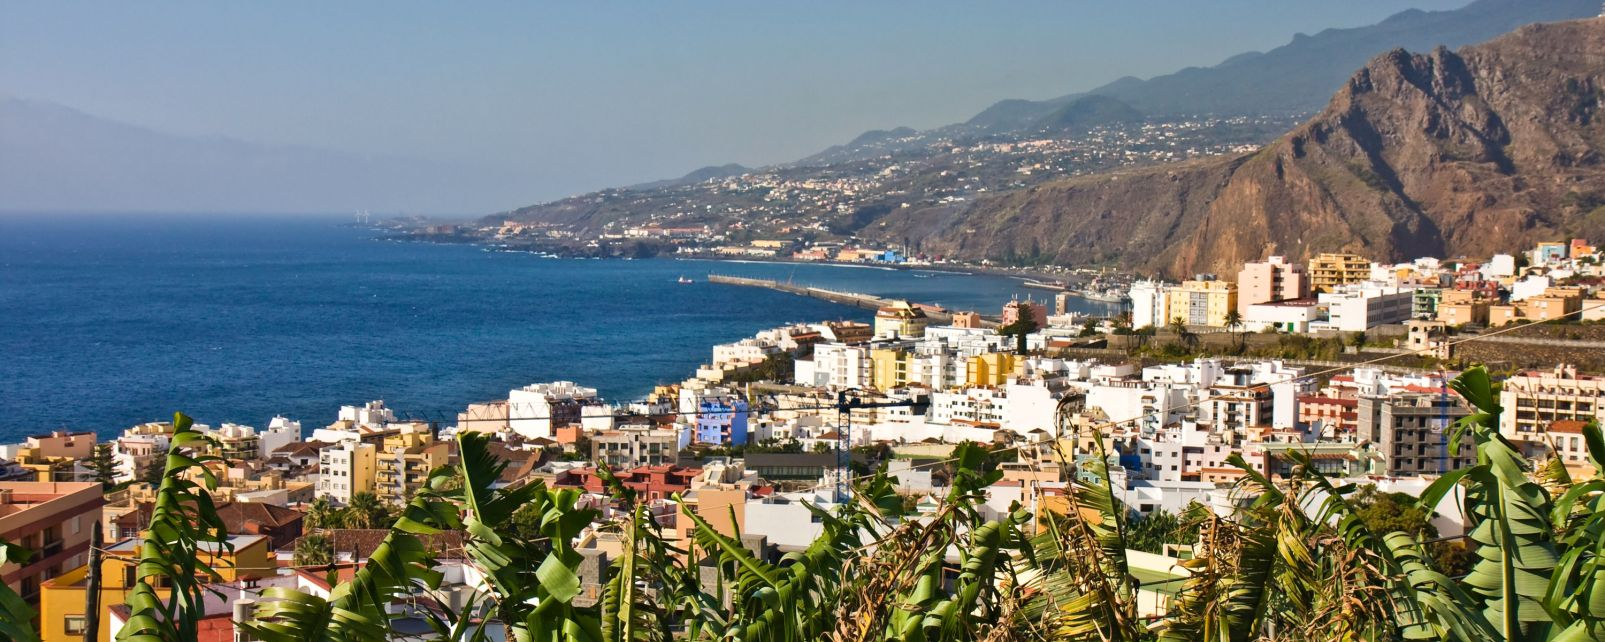 Les paysages, europe, afrique, canaries, espagne, la palma, île, archipel, océan, atlantique